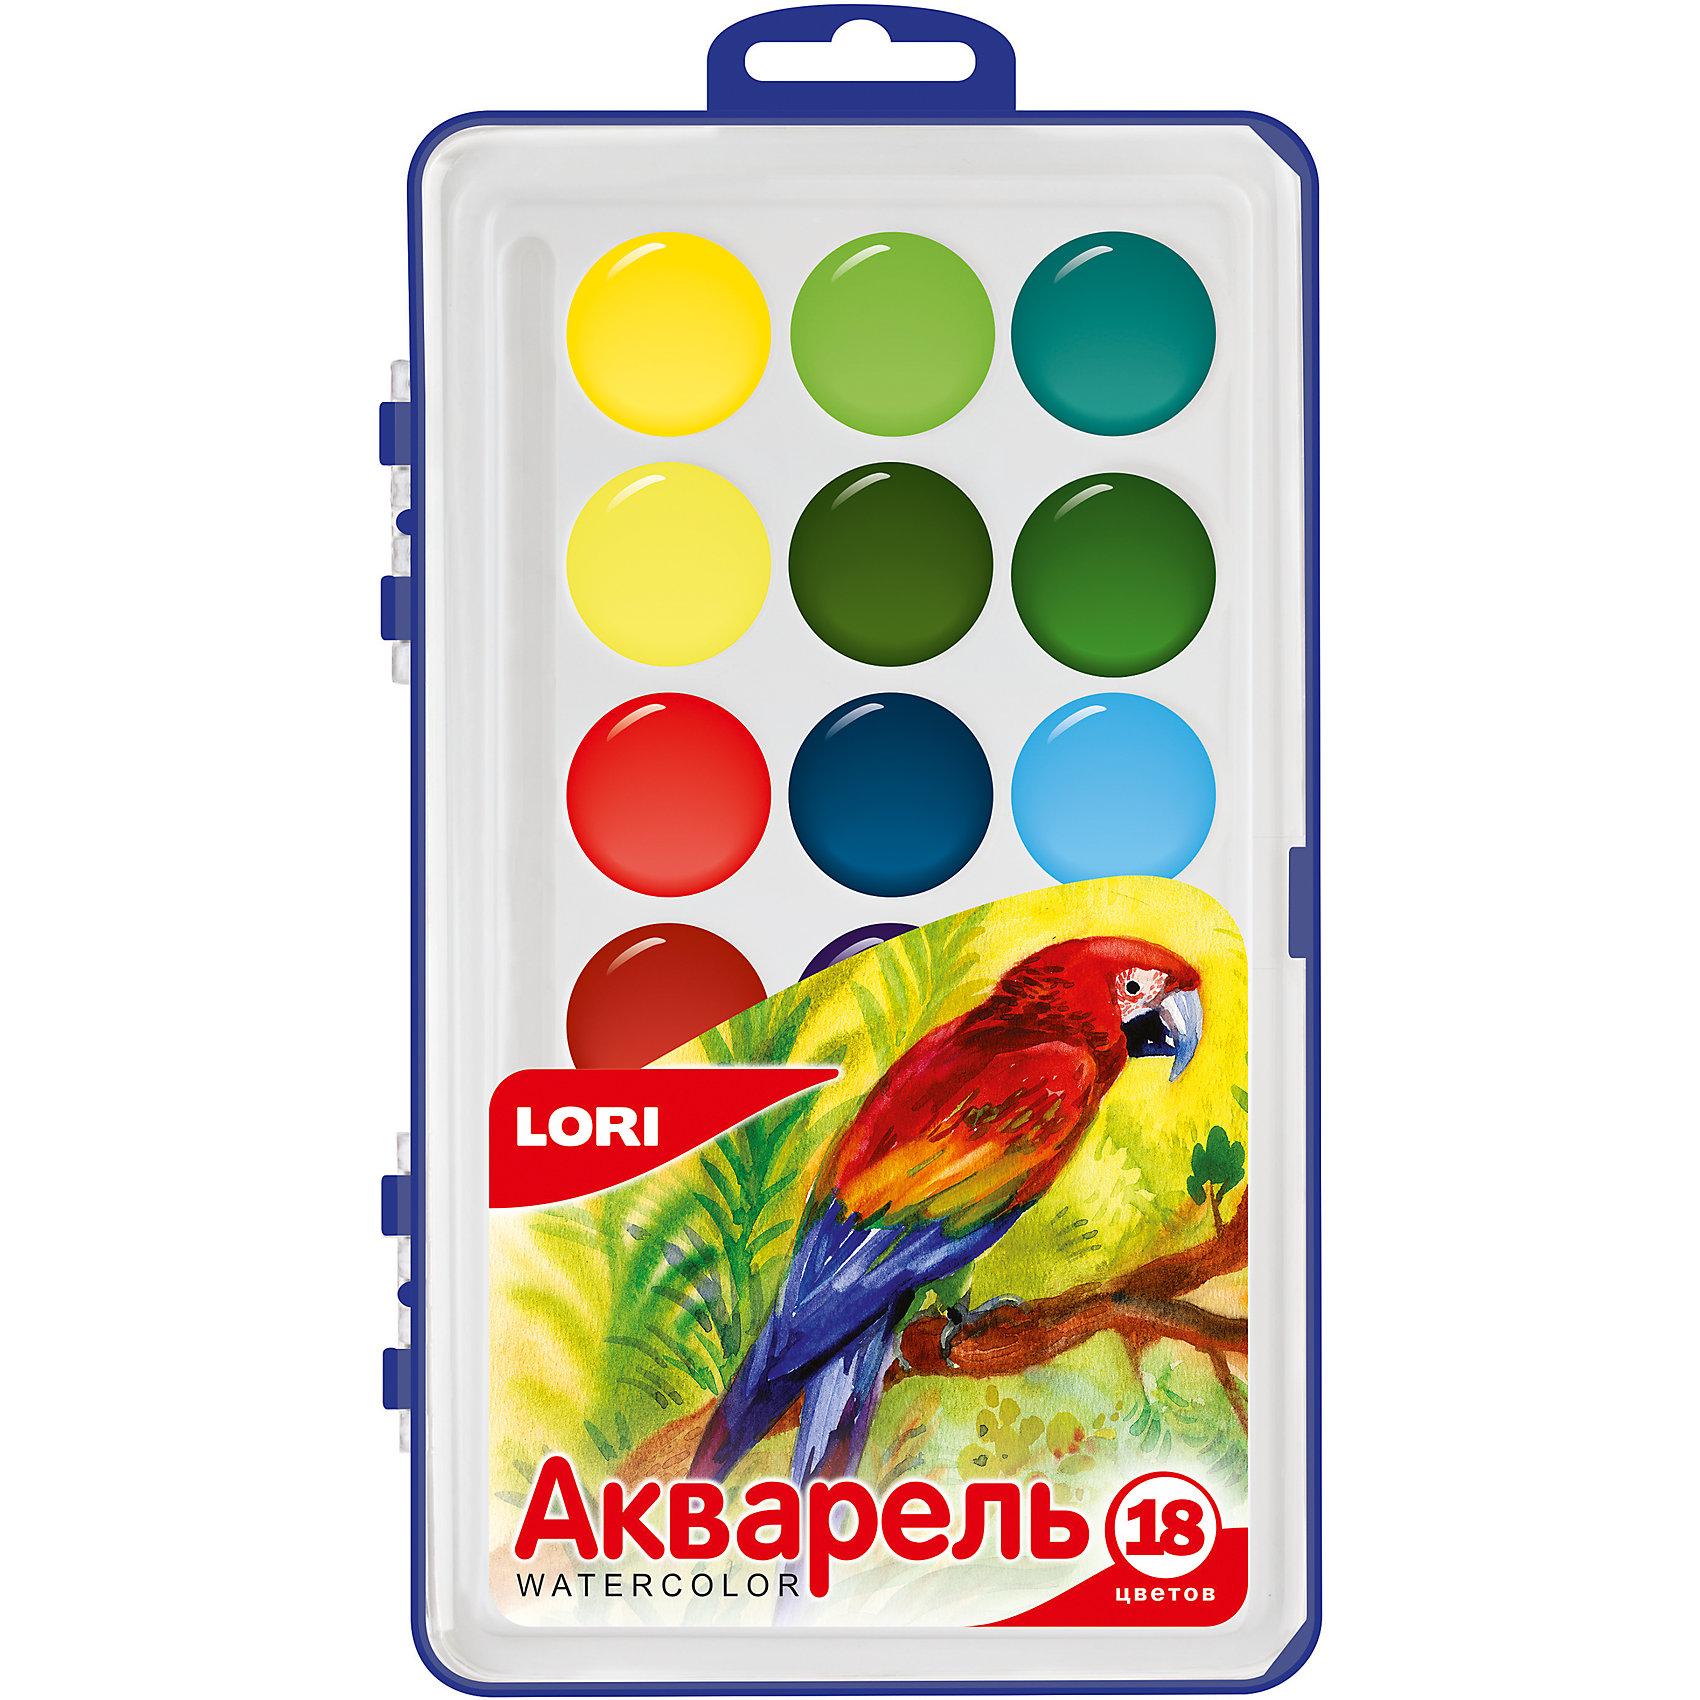 Акварельная краска 18 цв.акварельная краска, 18 цветов<br><br>Ширина мм: 18<br>Глубина мм: 122<br>Высота мм: 205<br>Вес г: 891<br>Возраст от месяцев: 36<br>Возраст до месяцев: 84<br>Пол: Унисекс<br>Возраст: Детский<br>SKU: 5032212